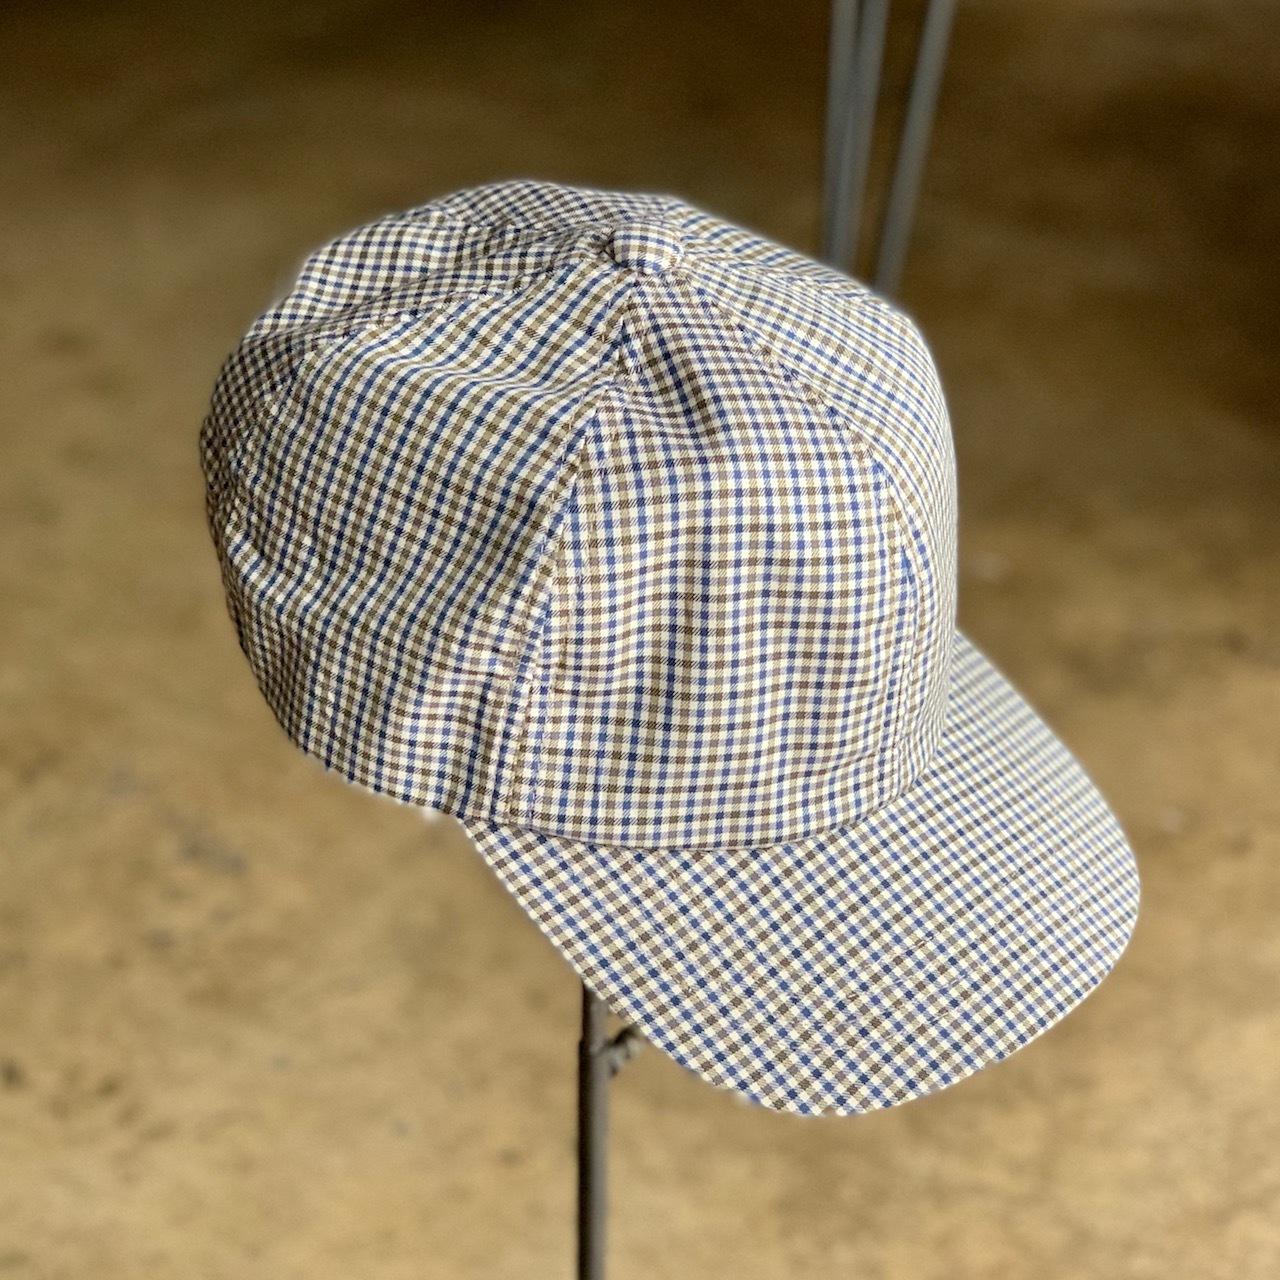 Deadstock fabric gingham cap